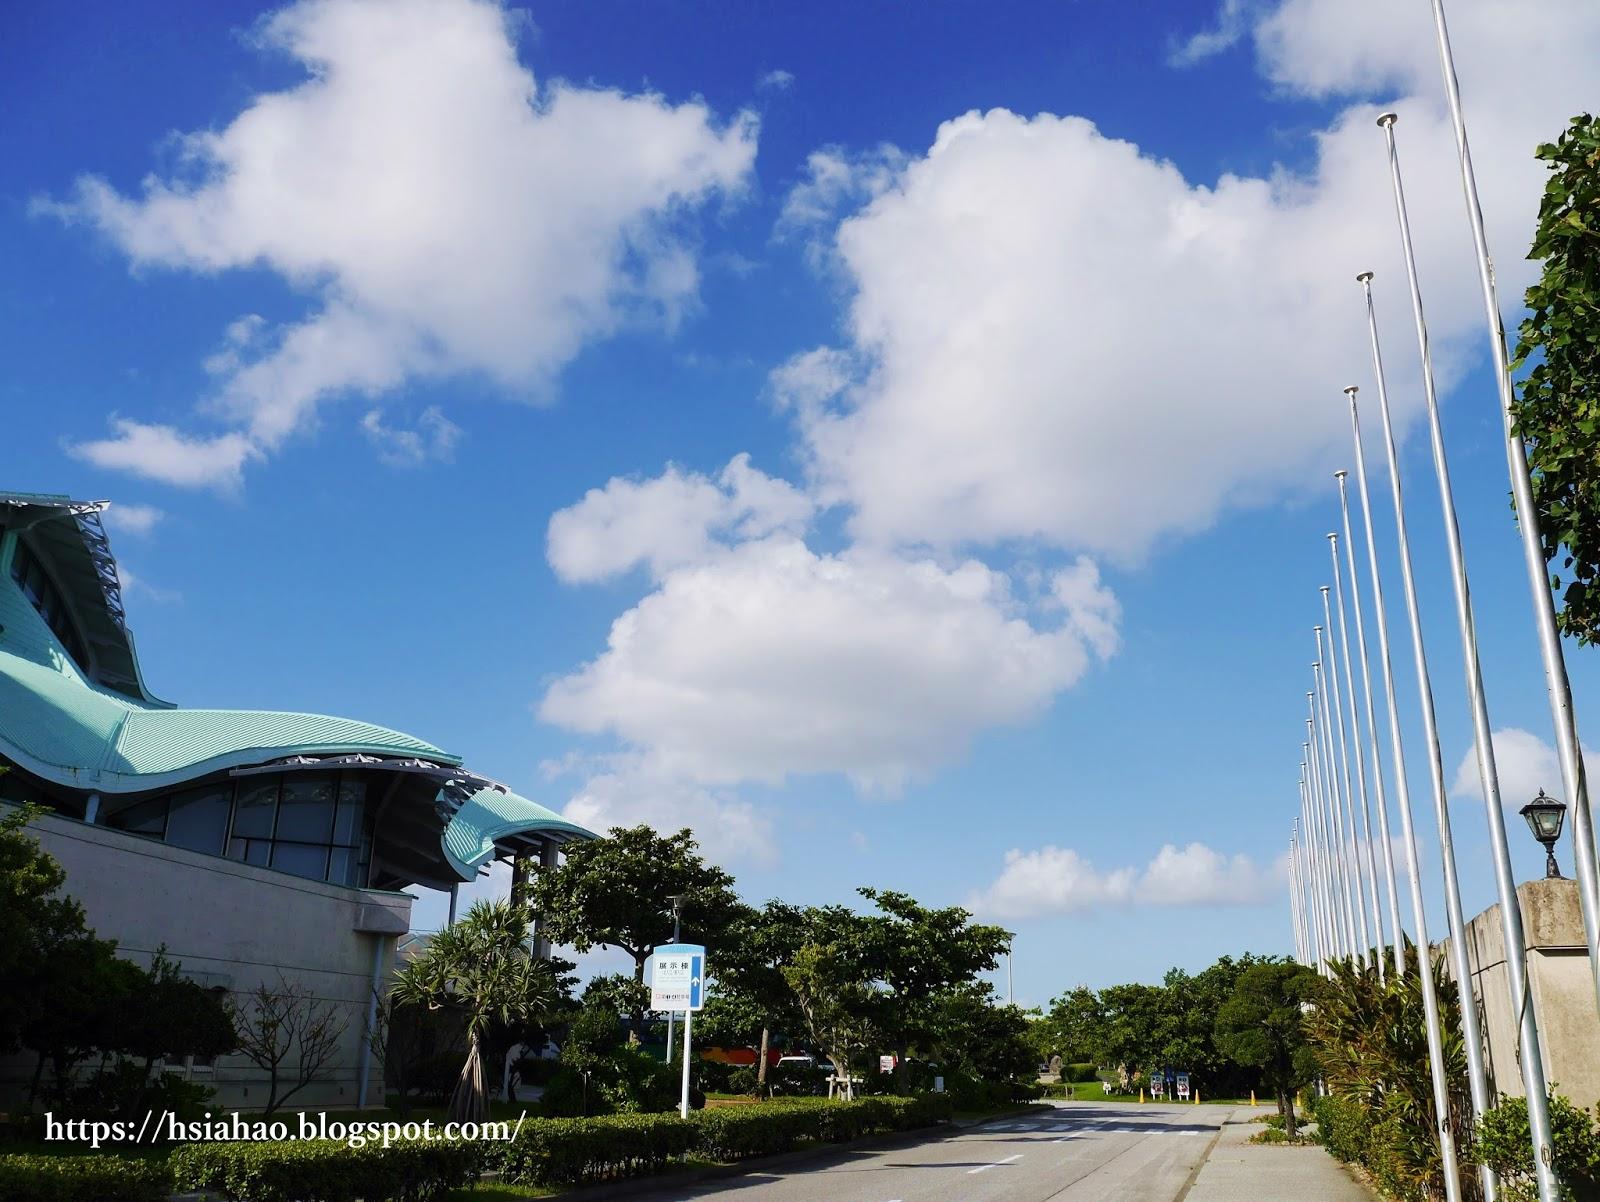 沖繩-景點-推薦-宜野灣海濱公園-沖繩會議中心-沖縄コンベンションセンター-自由行-旅遊-Okinawa-convention-center